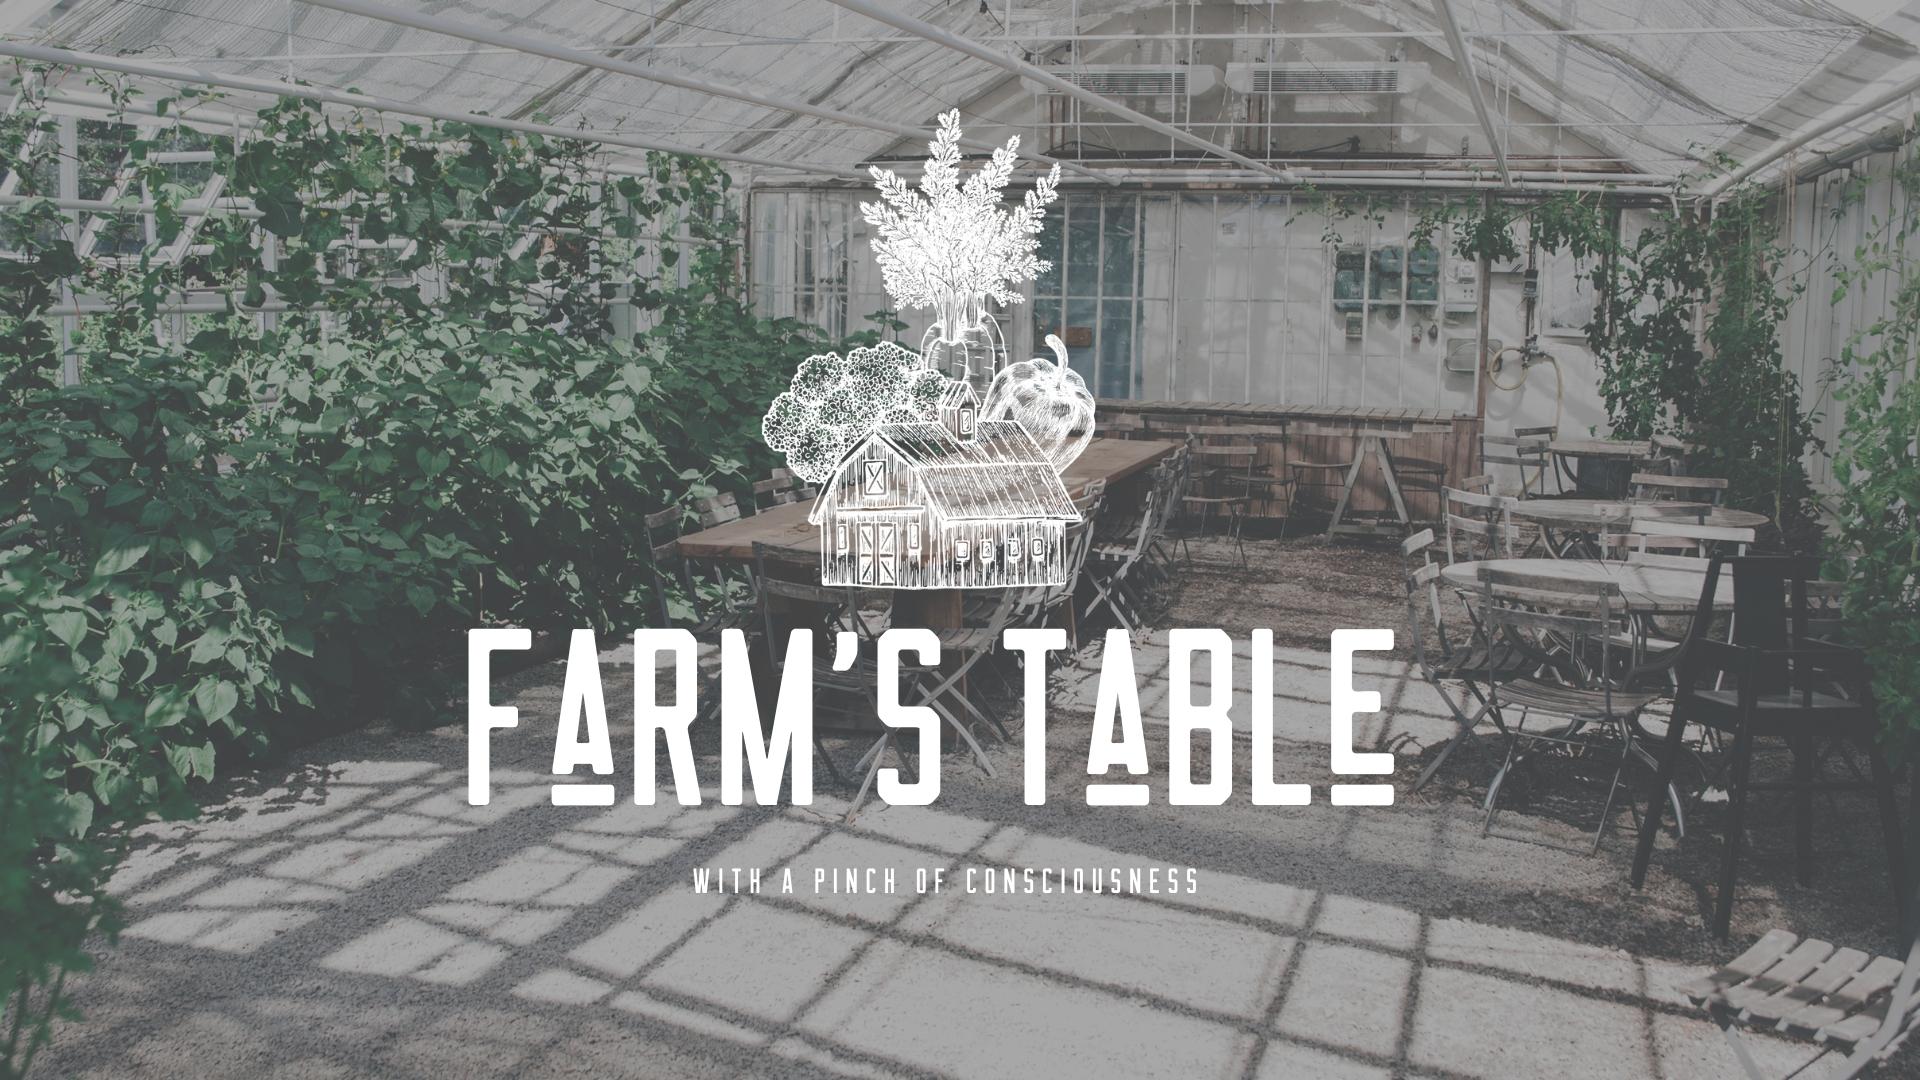 Farm'sTableGuidelines.jpg